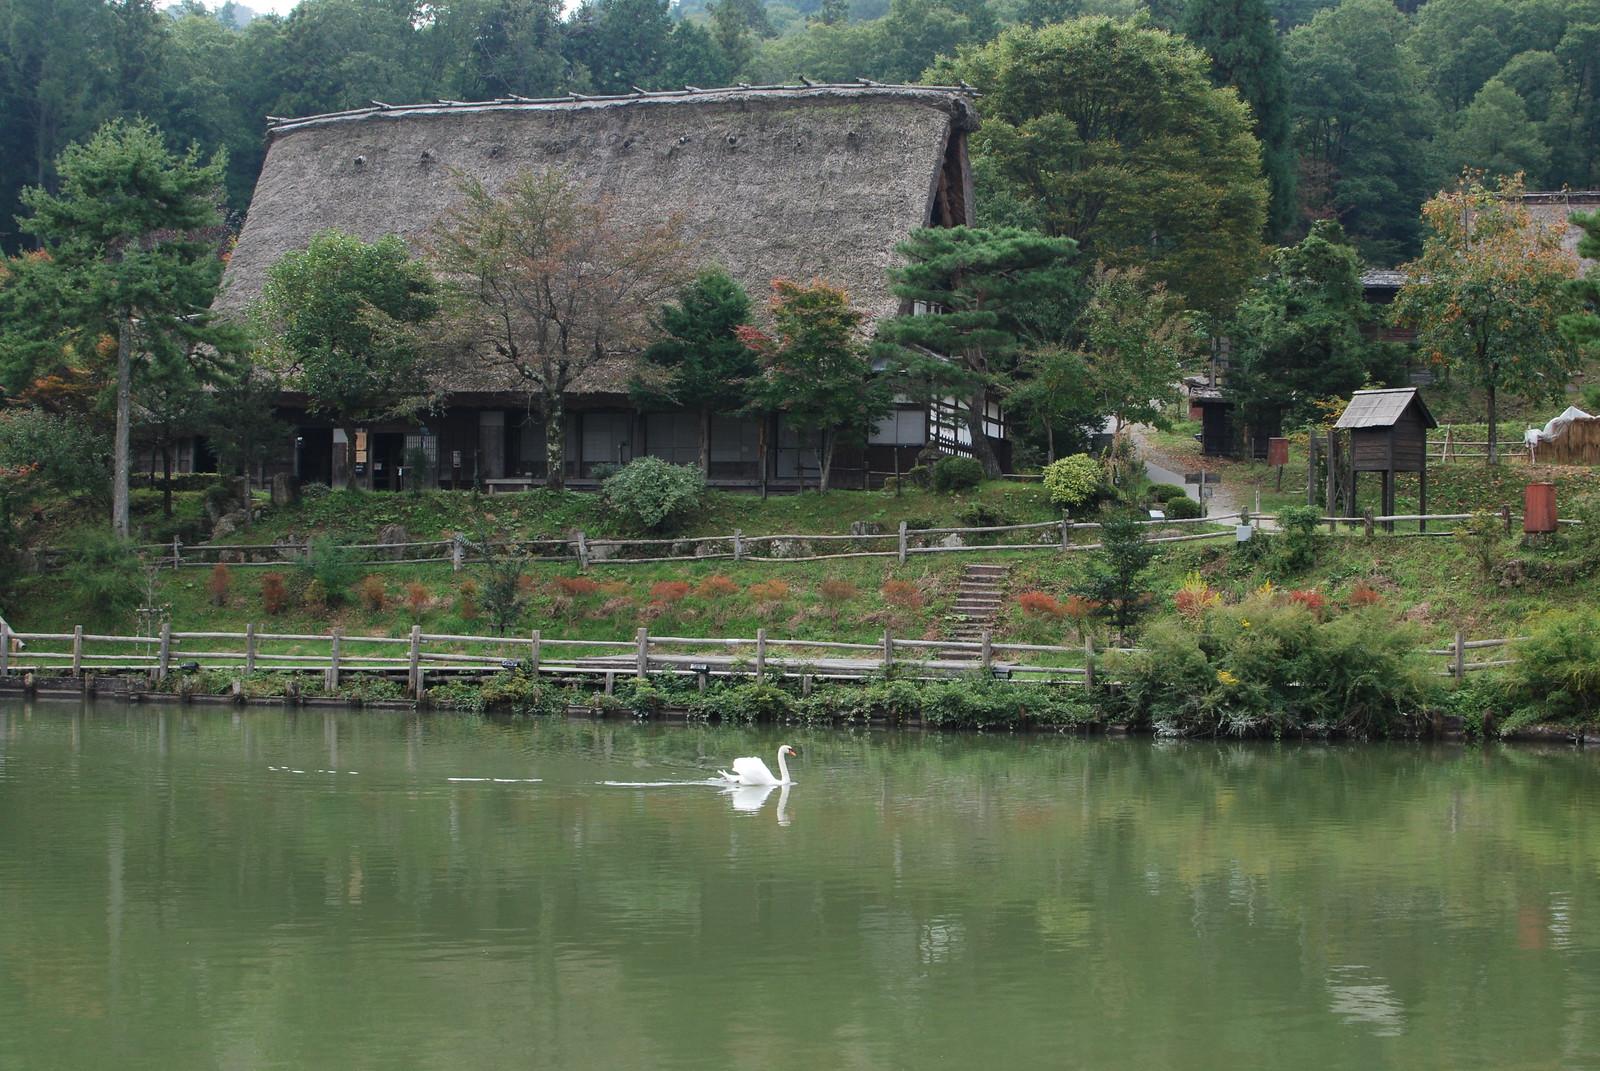 Reconstrucción de pueblo tradicional japonés, Hida no sato